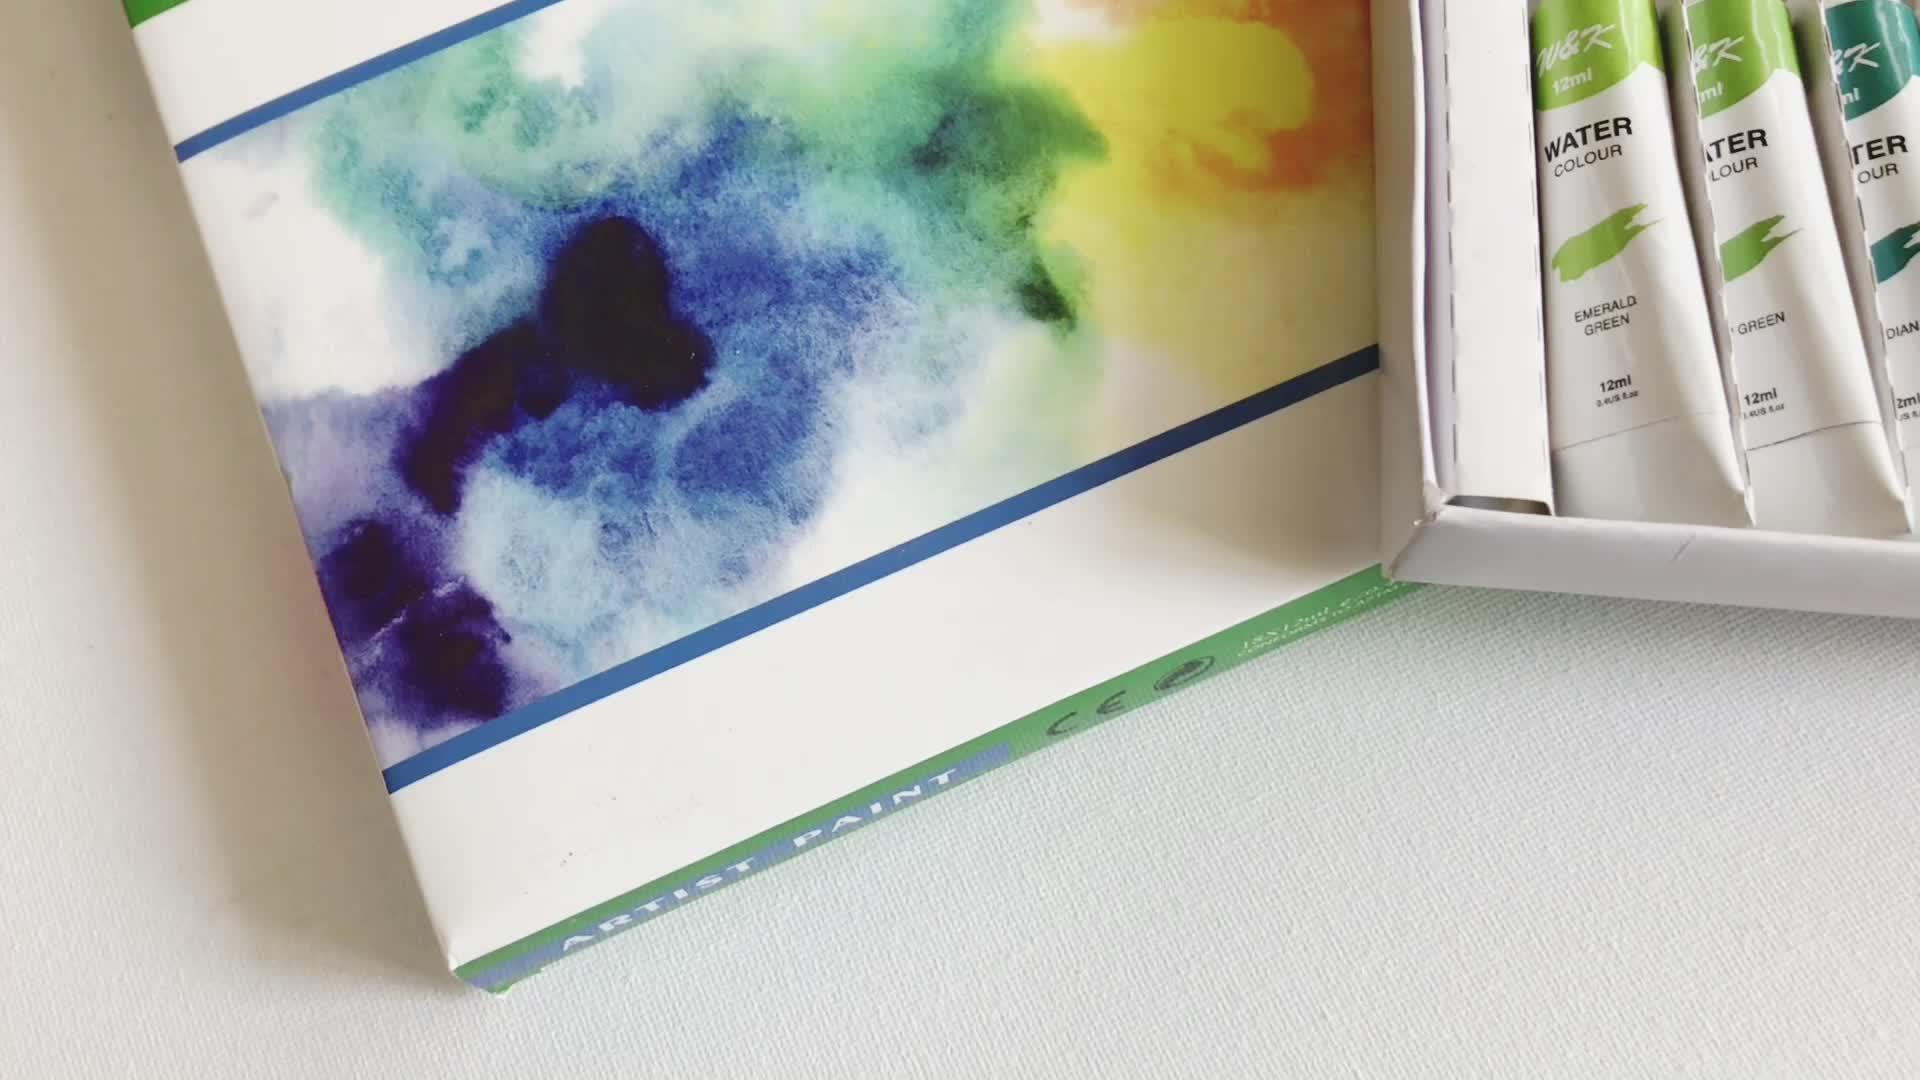 Non-tossico durevole pittura ad acquerello set per i bambini e principianti